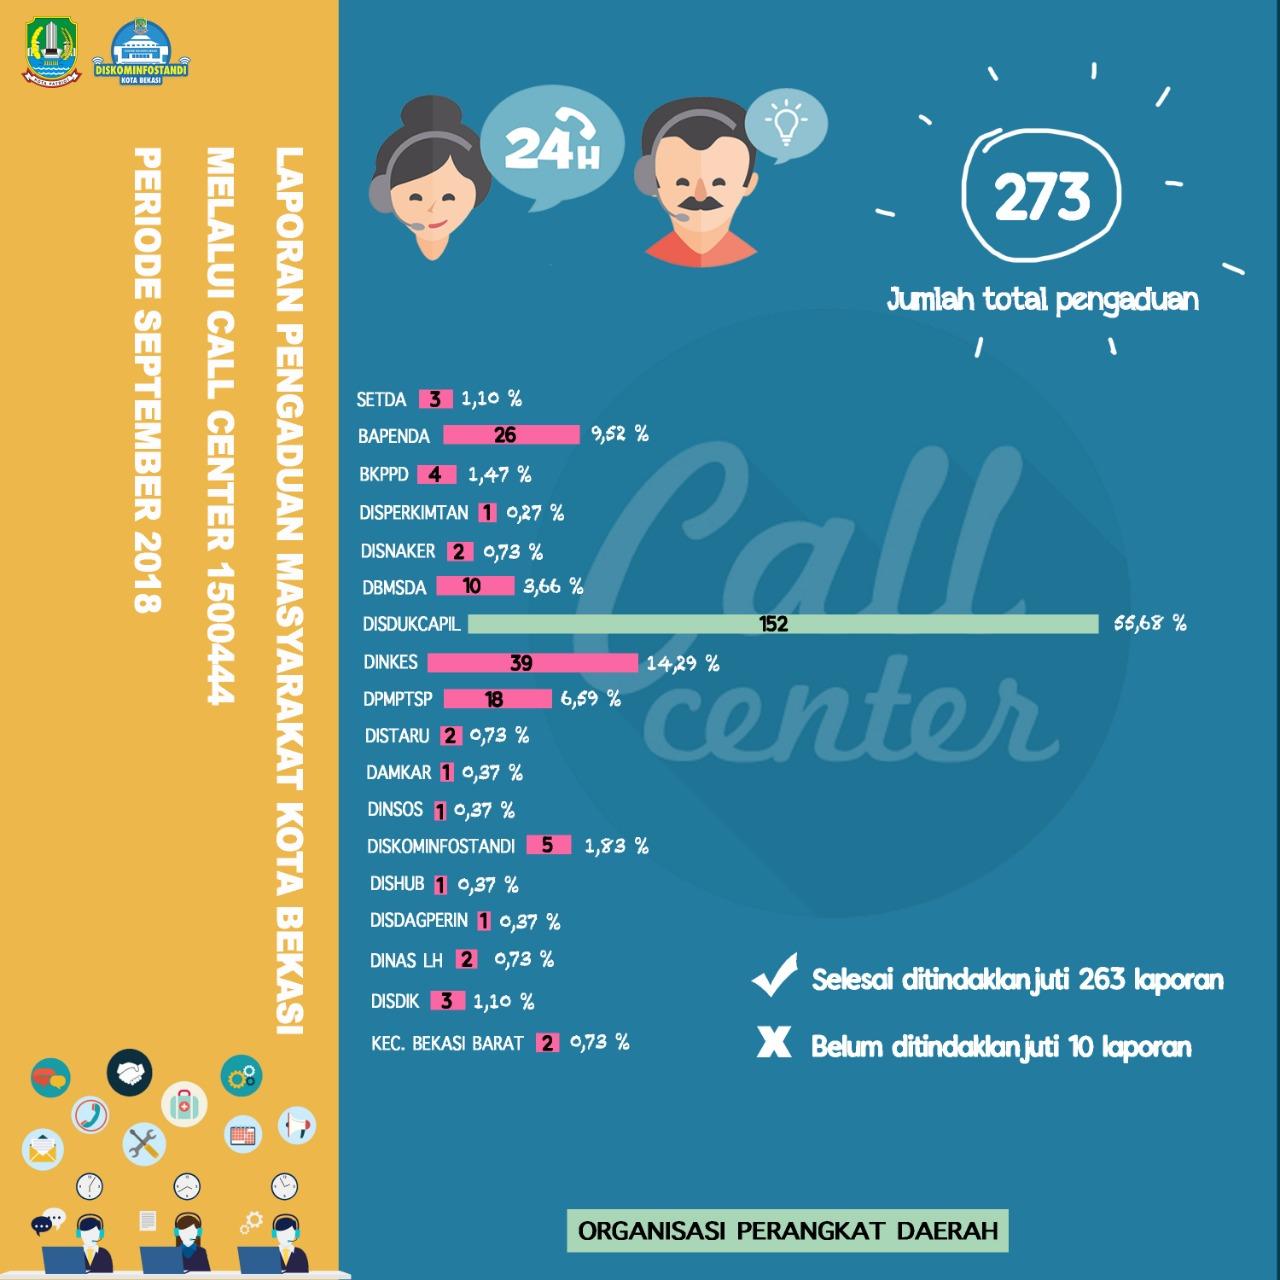 Laporan Pengaduan Masyarakat Kota Bekasi Melalui Call Center 119 periode september 2018